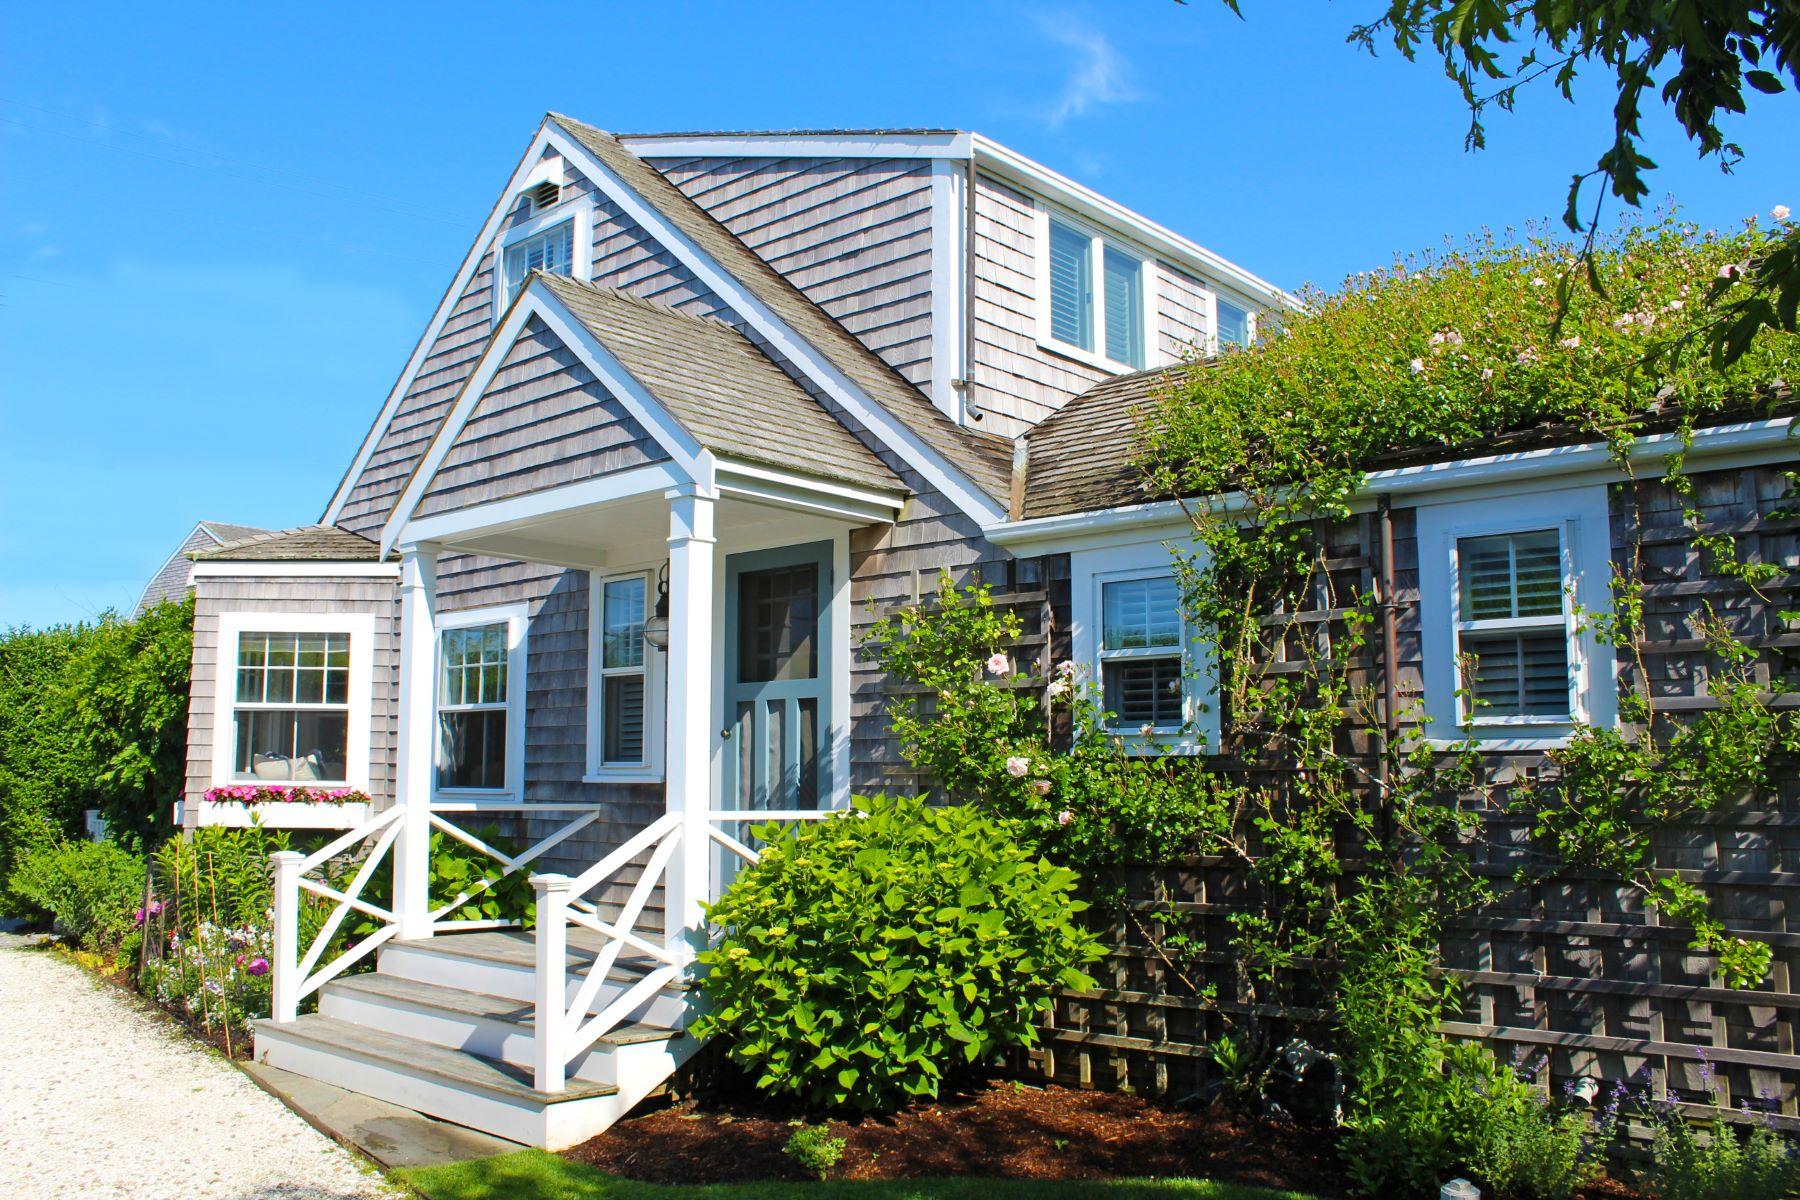 Single Family Homes pour l Vente à Quaint and Idyllic with Plenty of Expansion Possibilities 28 Morey Lane Siasconset, Massachusetts 02564 États-Unis